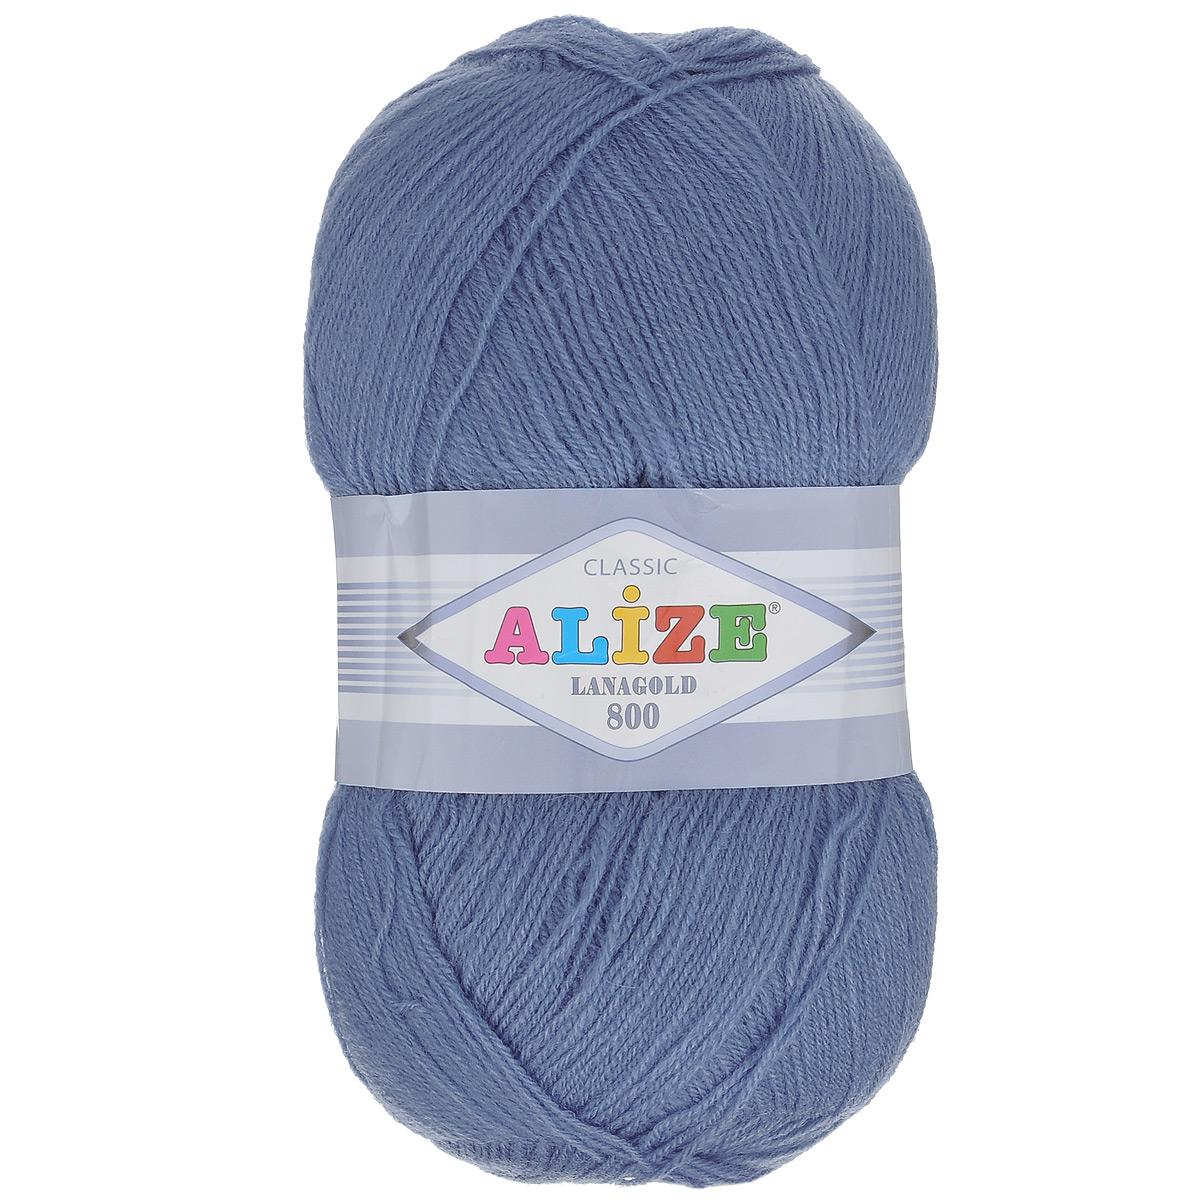 """Пряжа для вязания Alize """"Lanagold 800"""", цвет: джинс (203), 800 м, 100 г, 5 шт"""